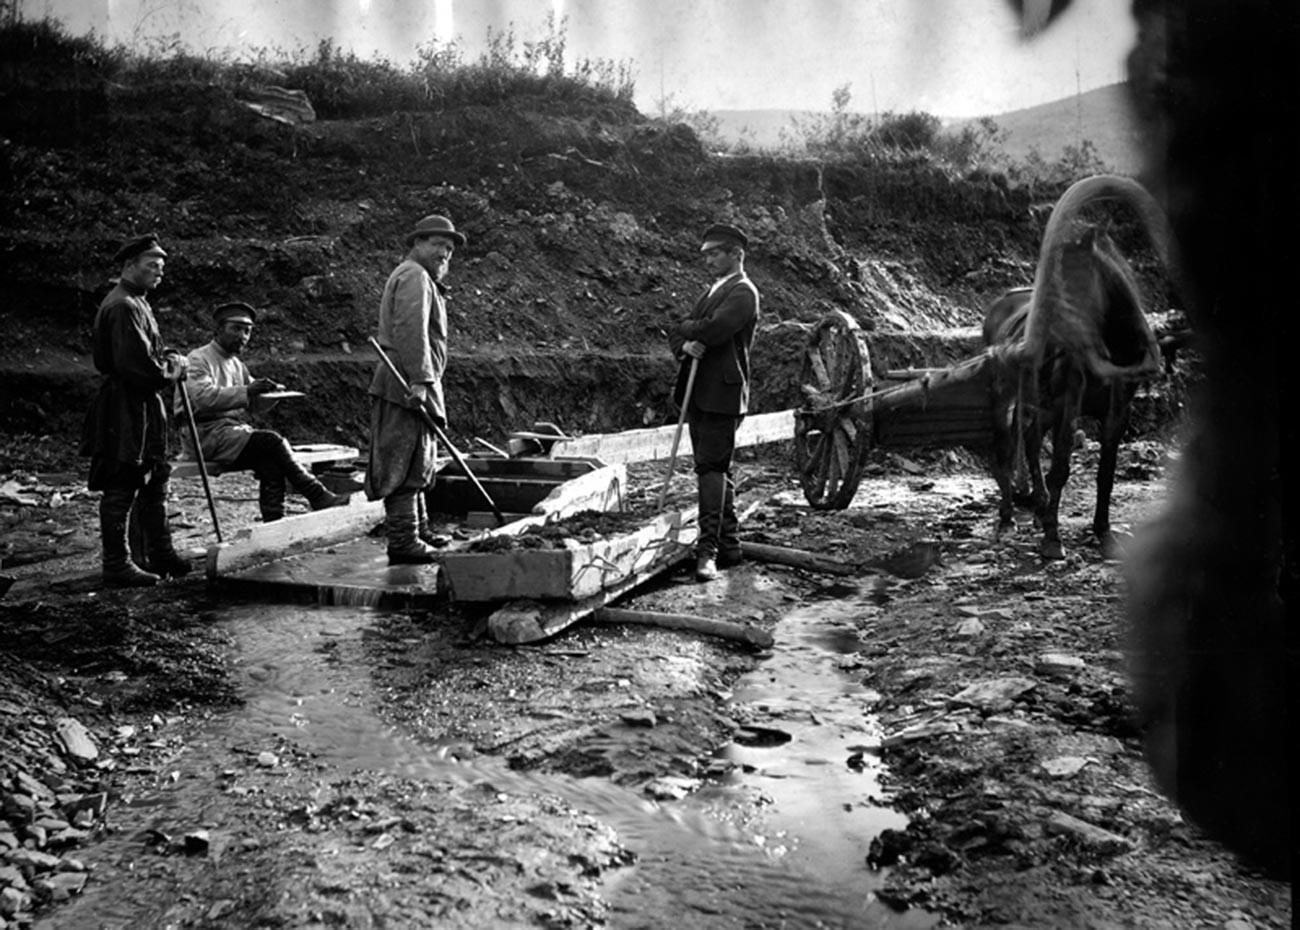 Старатели за промывкой золотоносного песка.